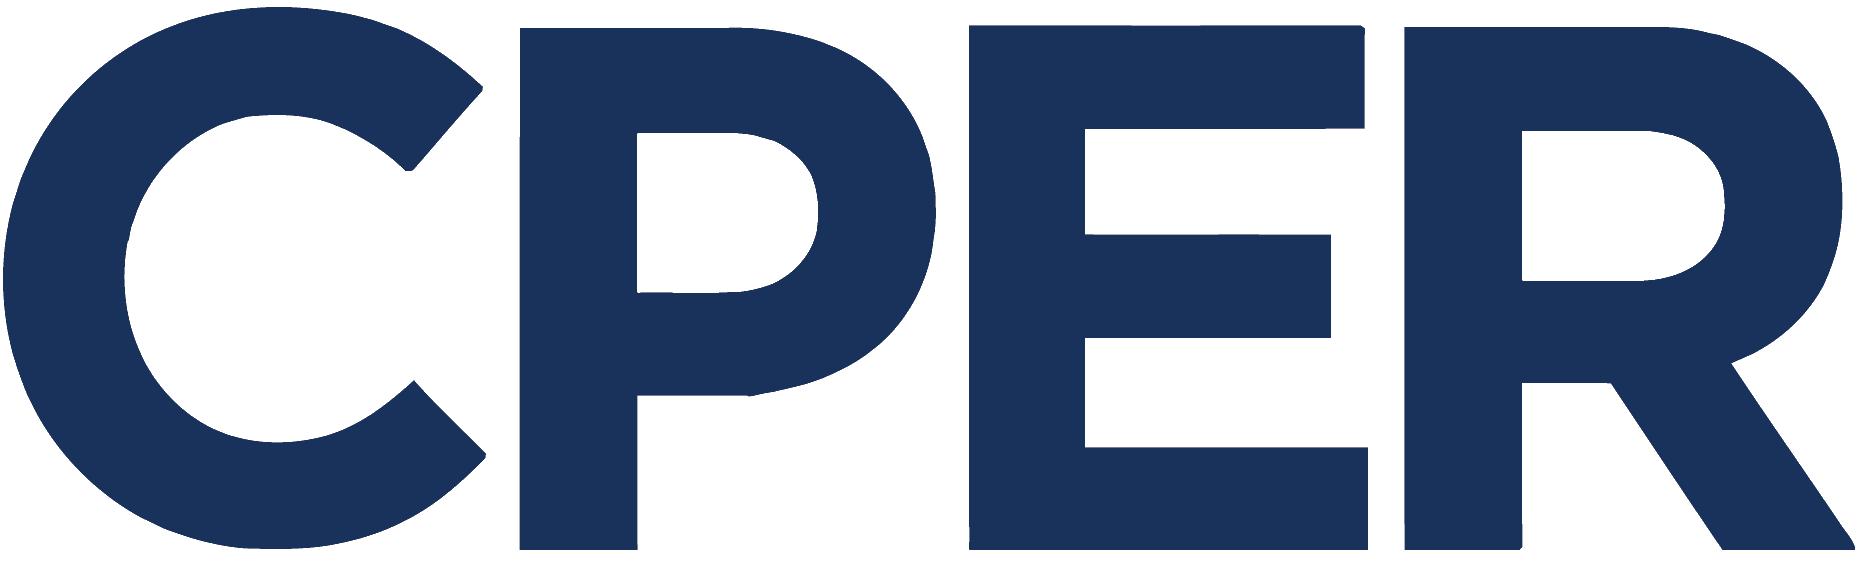 cper logo